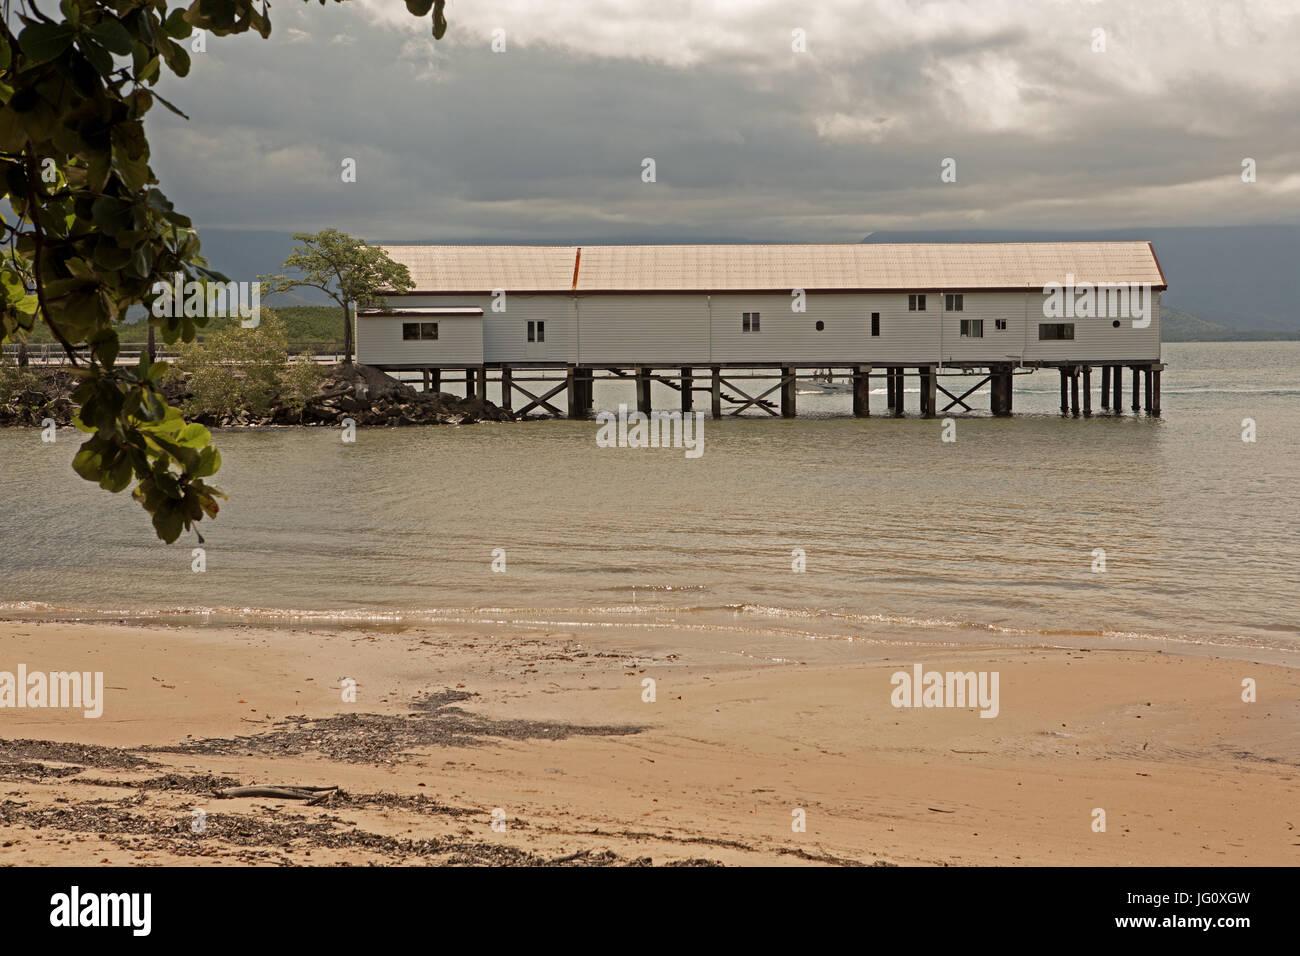 Port Douglas wharf Tropical Queensland - Stock Image